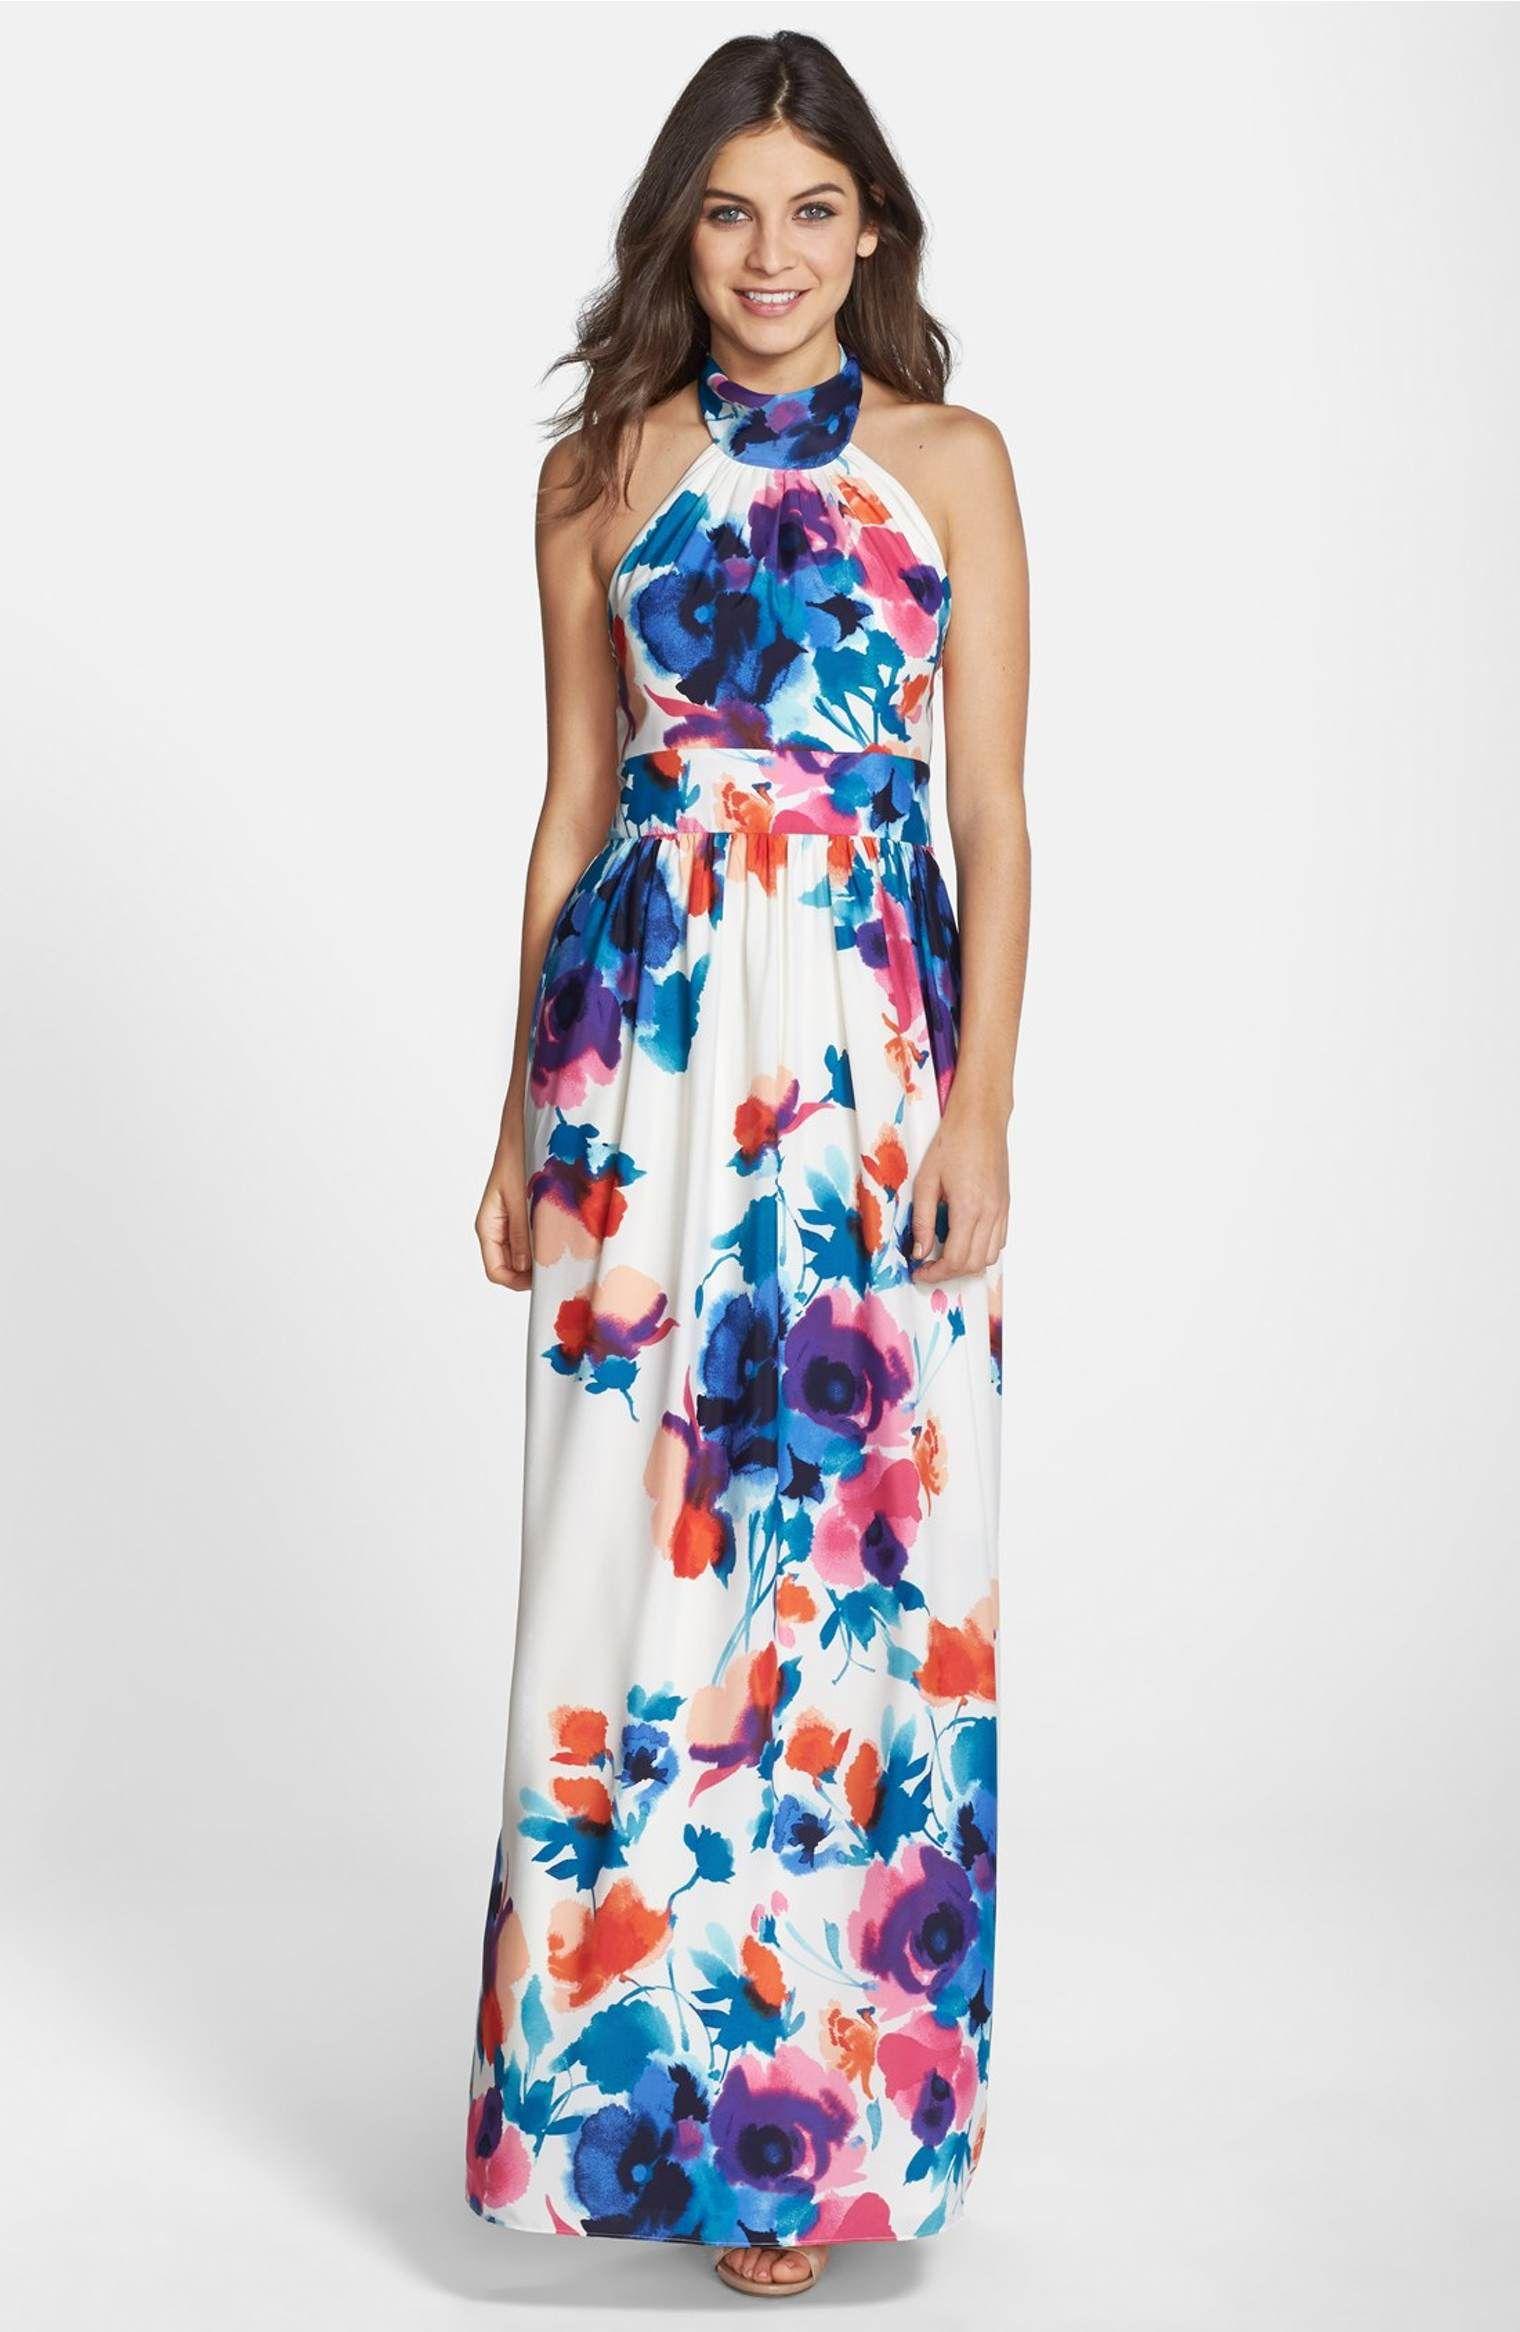 8a31932bdf Main Image - Eliza J Floral Print Halter Maxi Dress